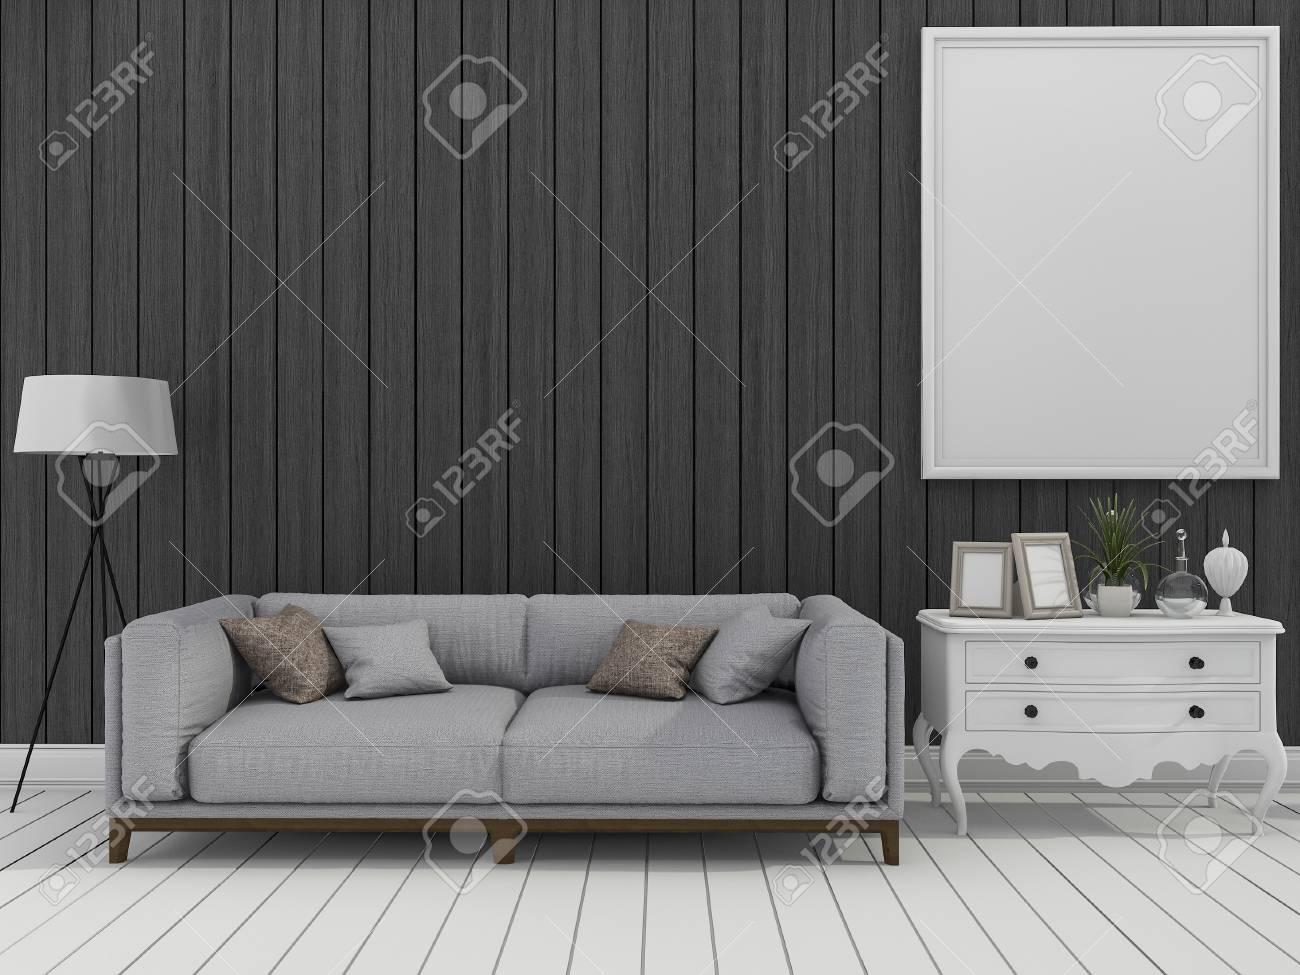 3d che rende soggiorno moderno scuro della parete con il sofà